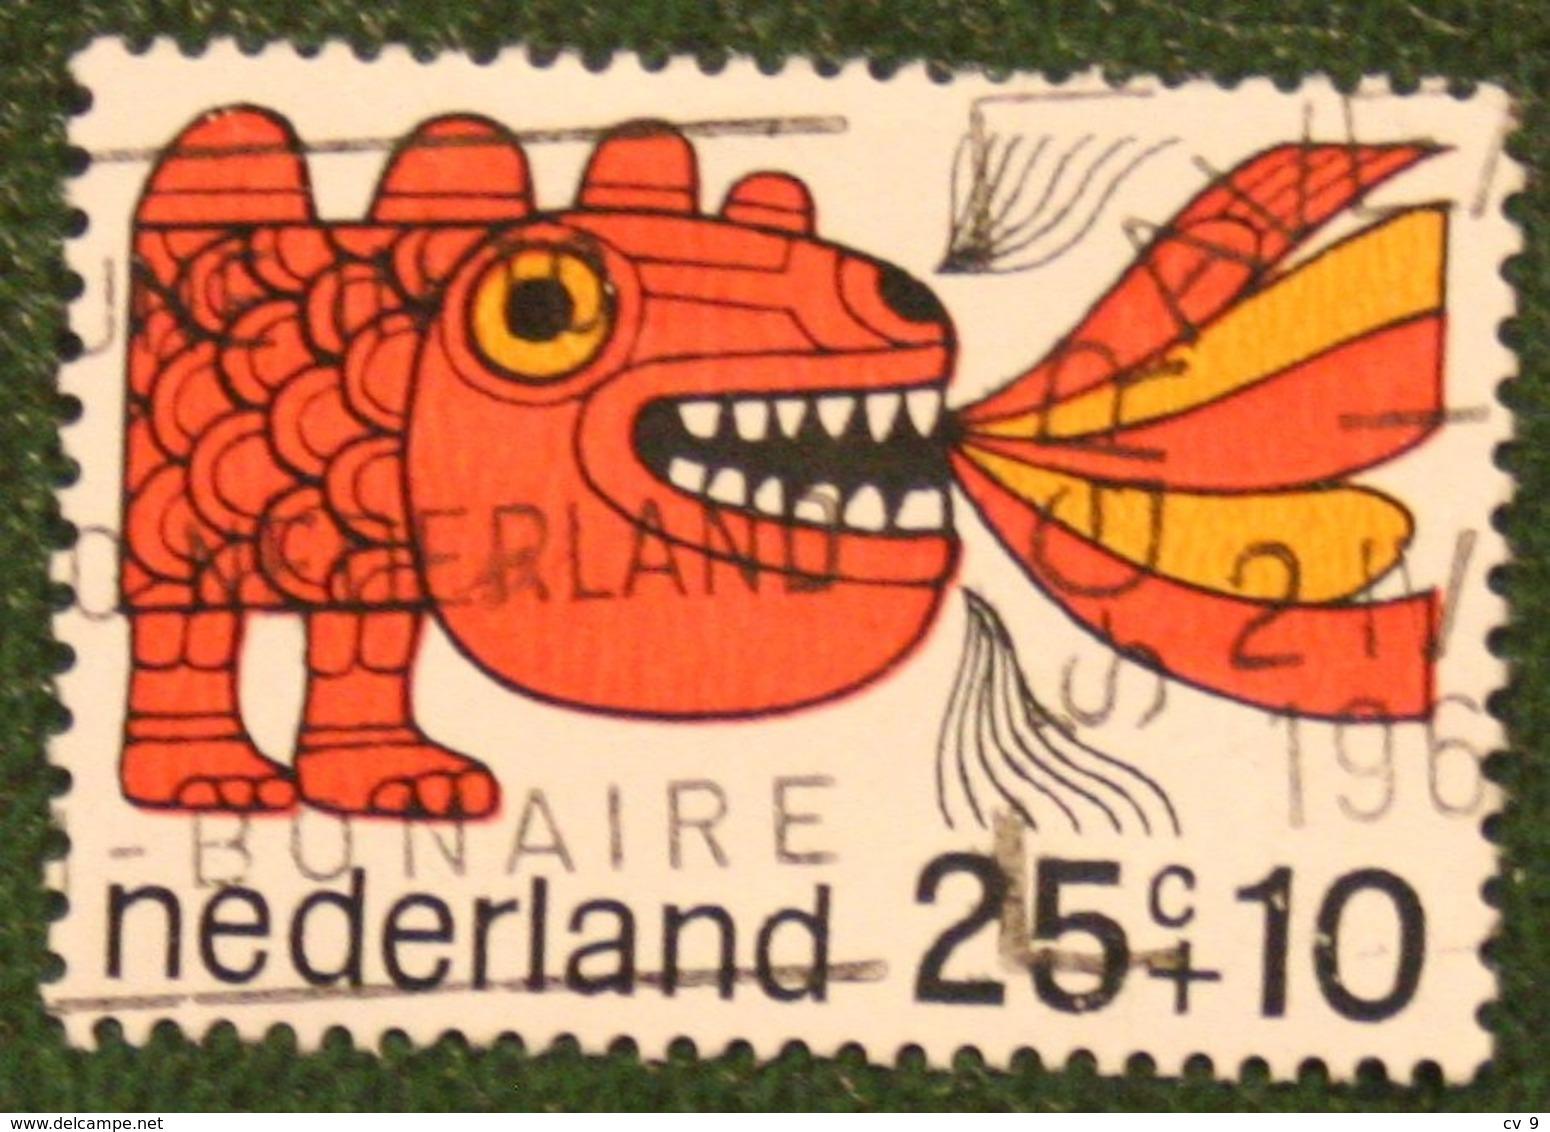 25 + 10 Ct Kinderzegel Child Welfare Kinder Enfant NVPH 915 (Mi 908) 1968 Gestempeld / USED NEDERLAND / NIEDERLANDE - Gebraucht